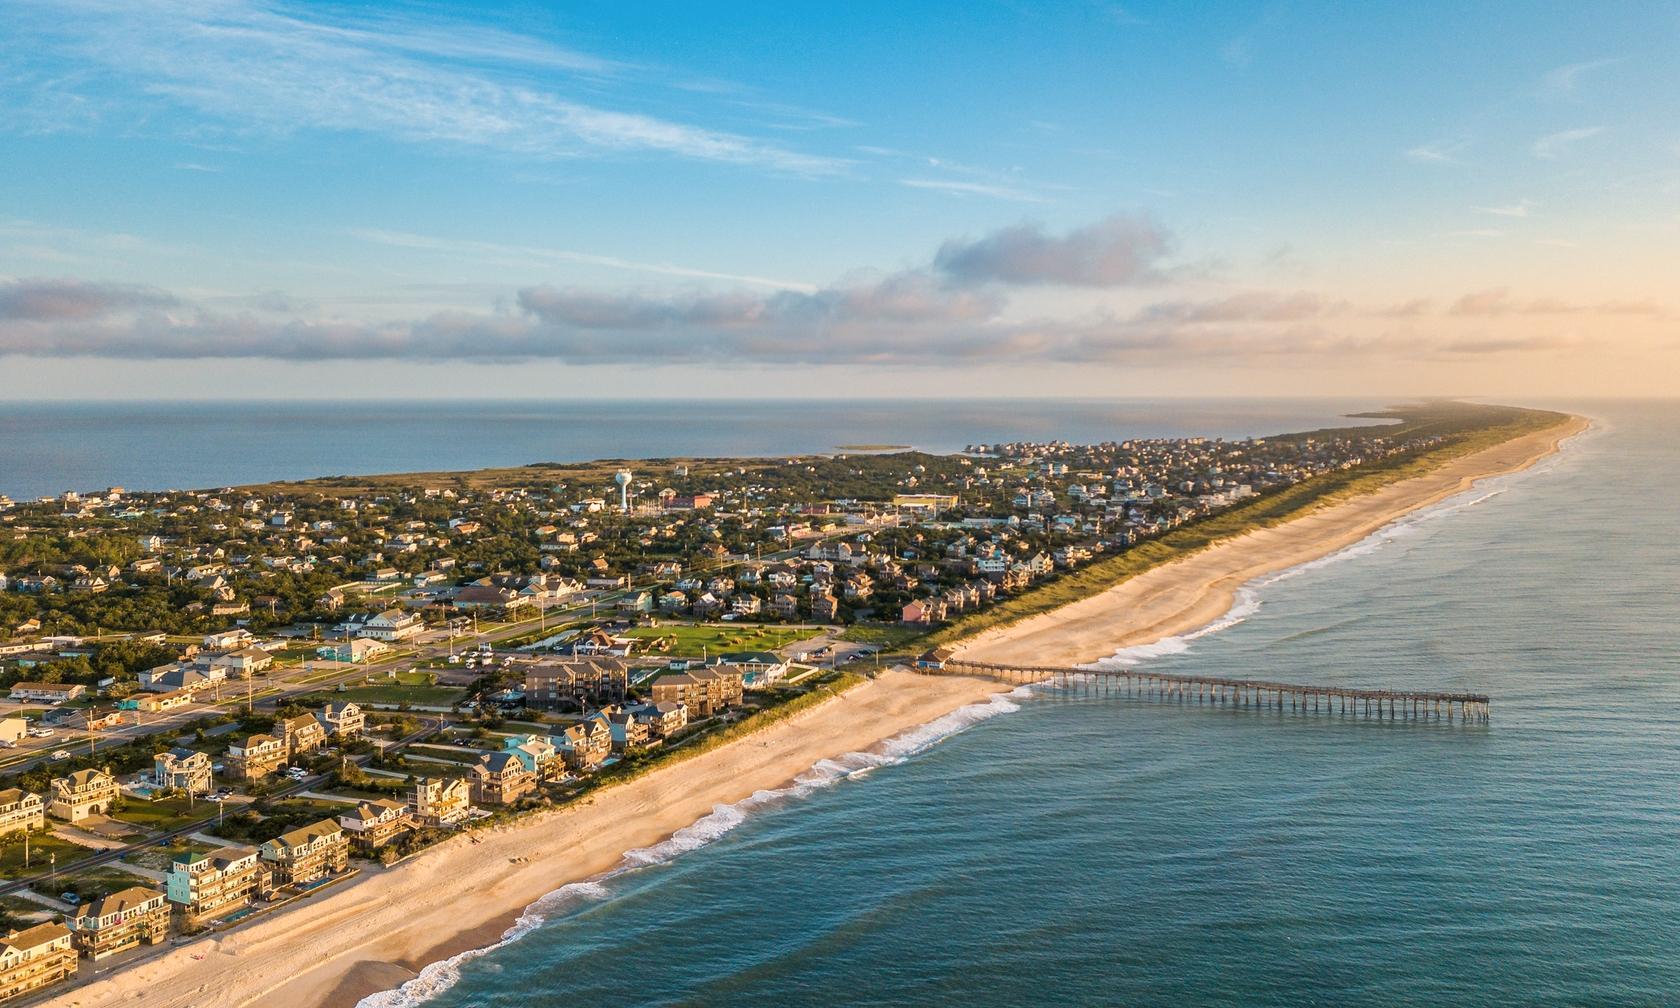 Vacation rental beach houses in Ocean Isle Beach